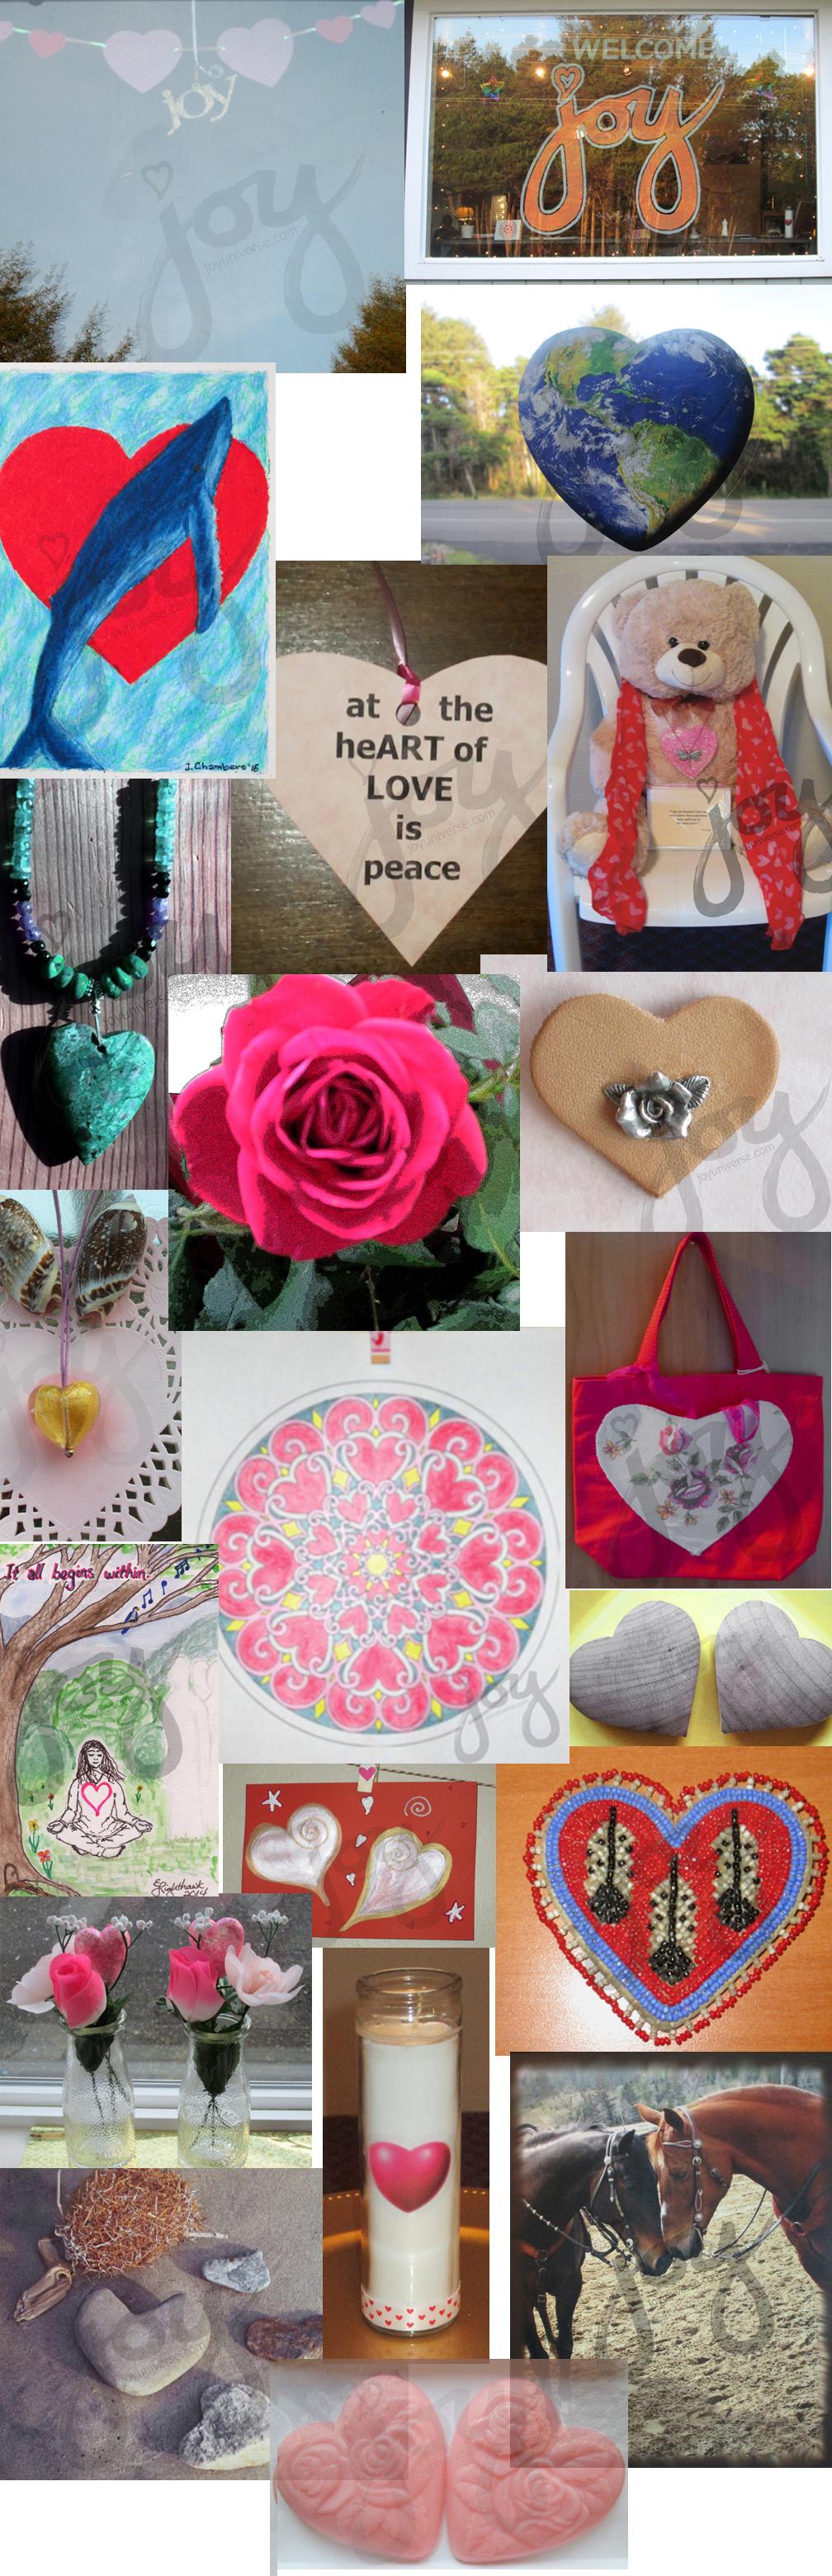 valentine's joy